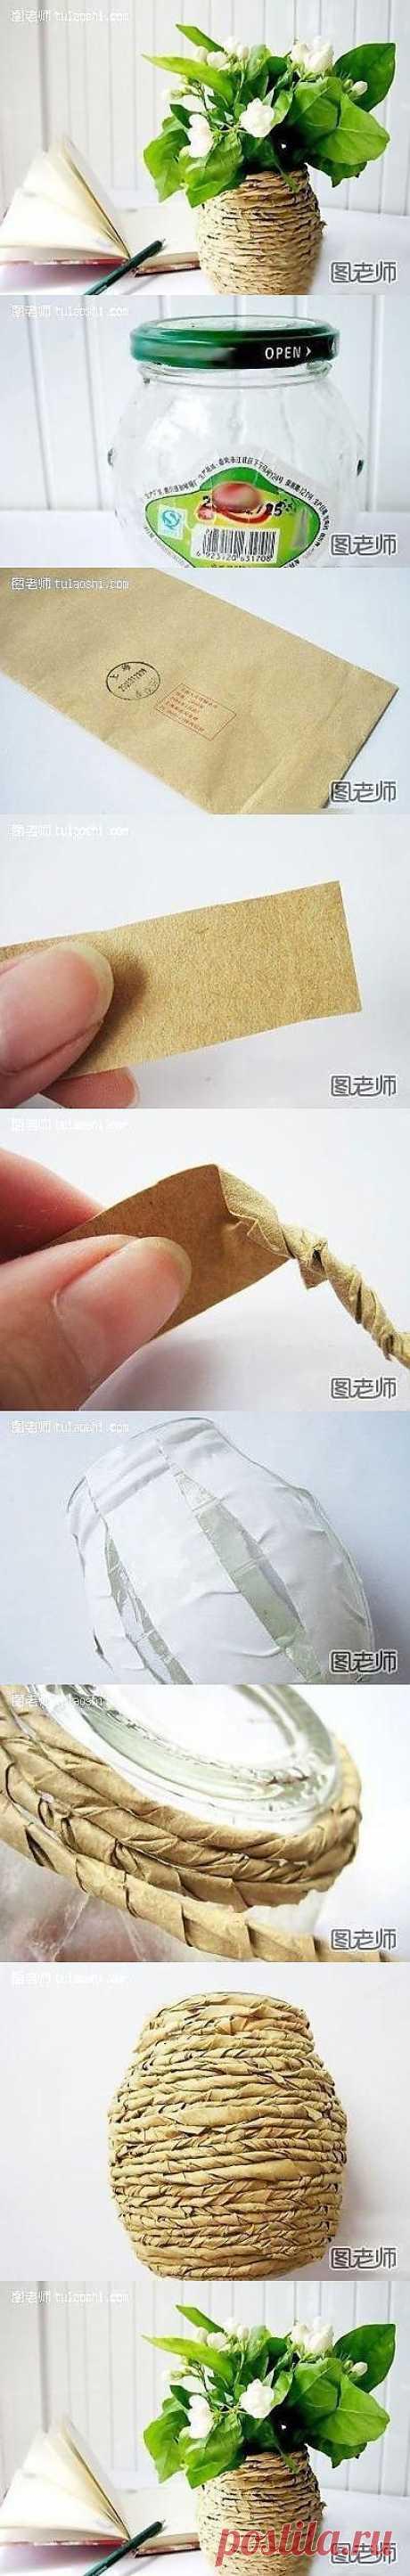 Как использовать переработанный материал, чтобы сделать вазу с цветами | Лаборатория бытовые